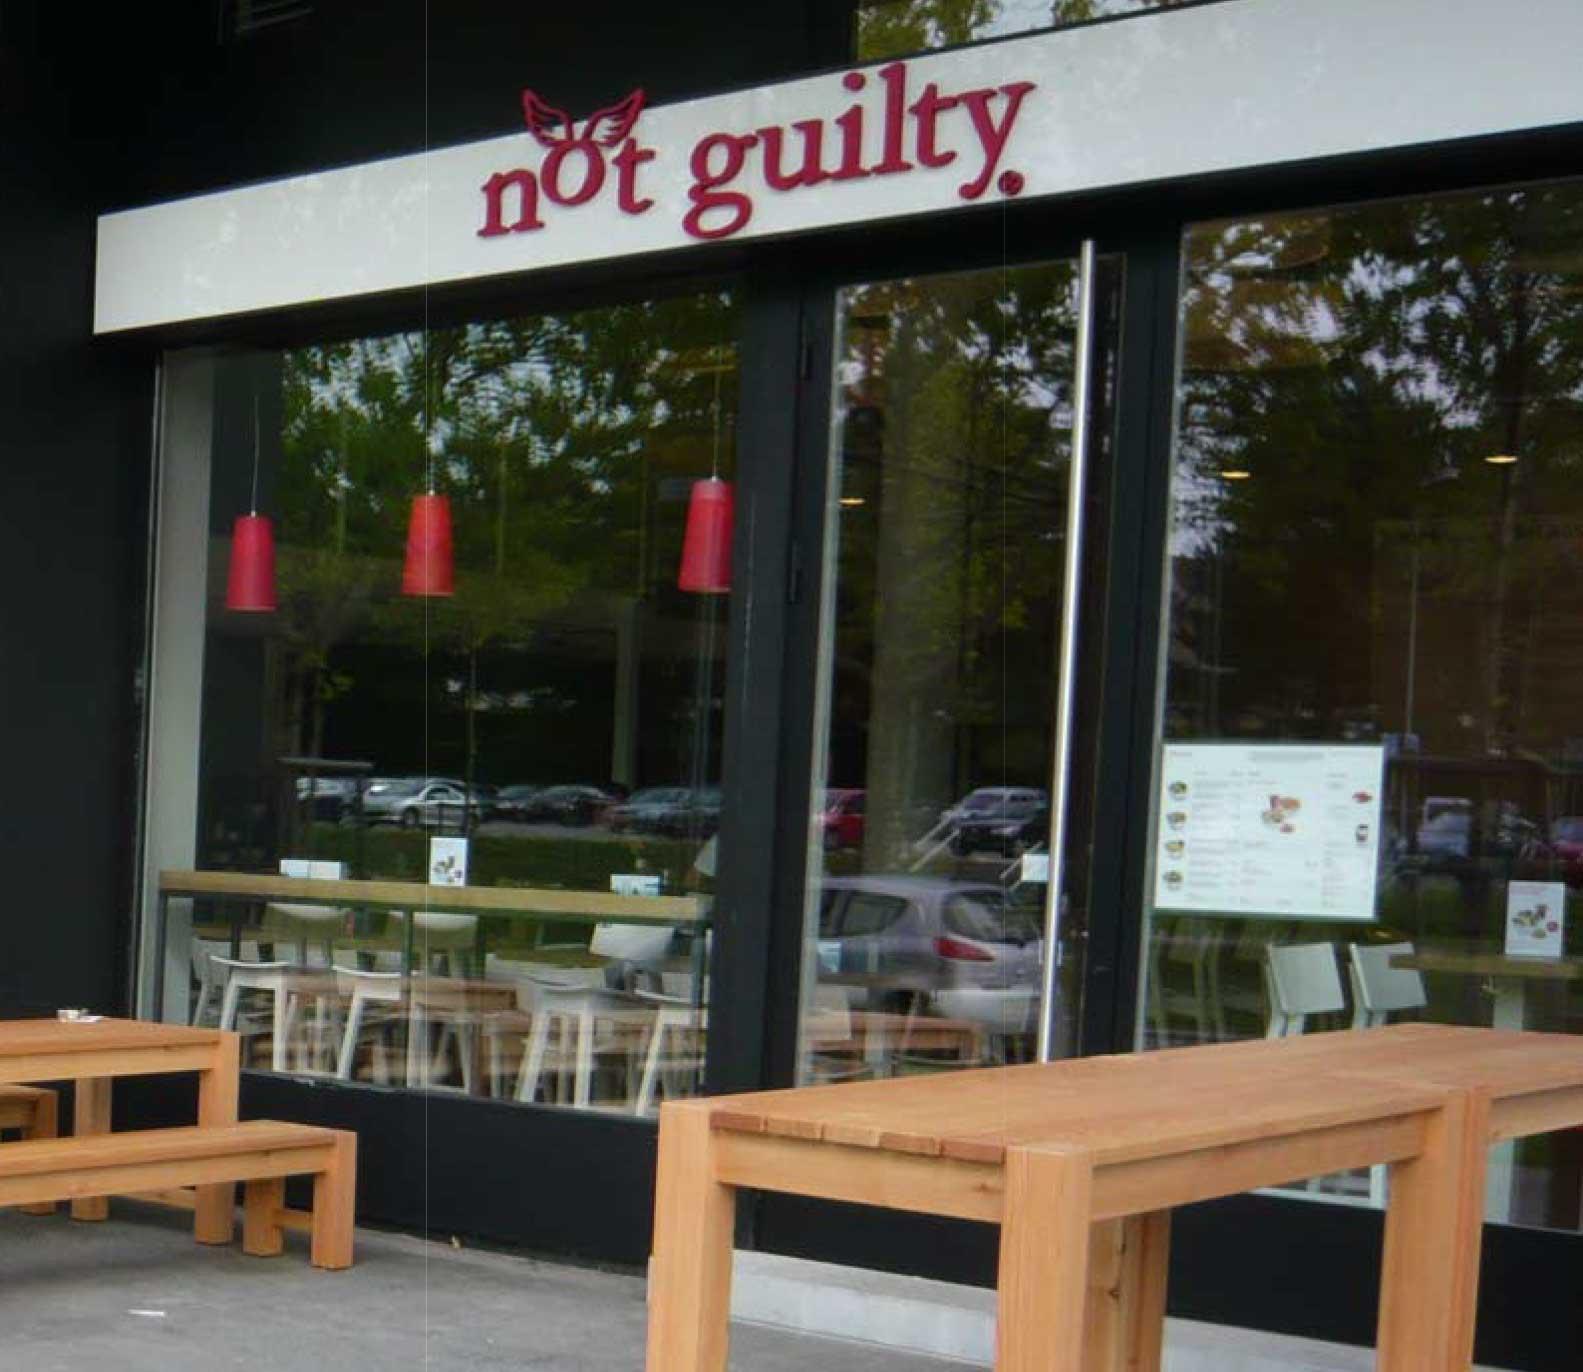 NotGuilty-2010-(verschoben)-1.jpg